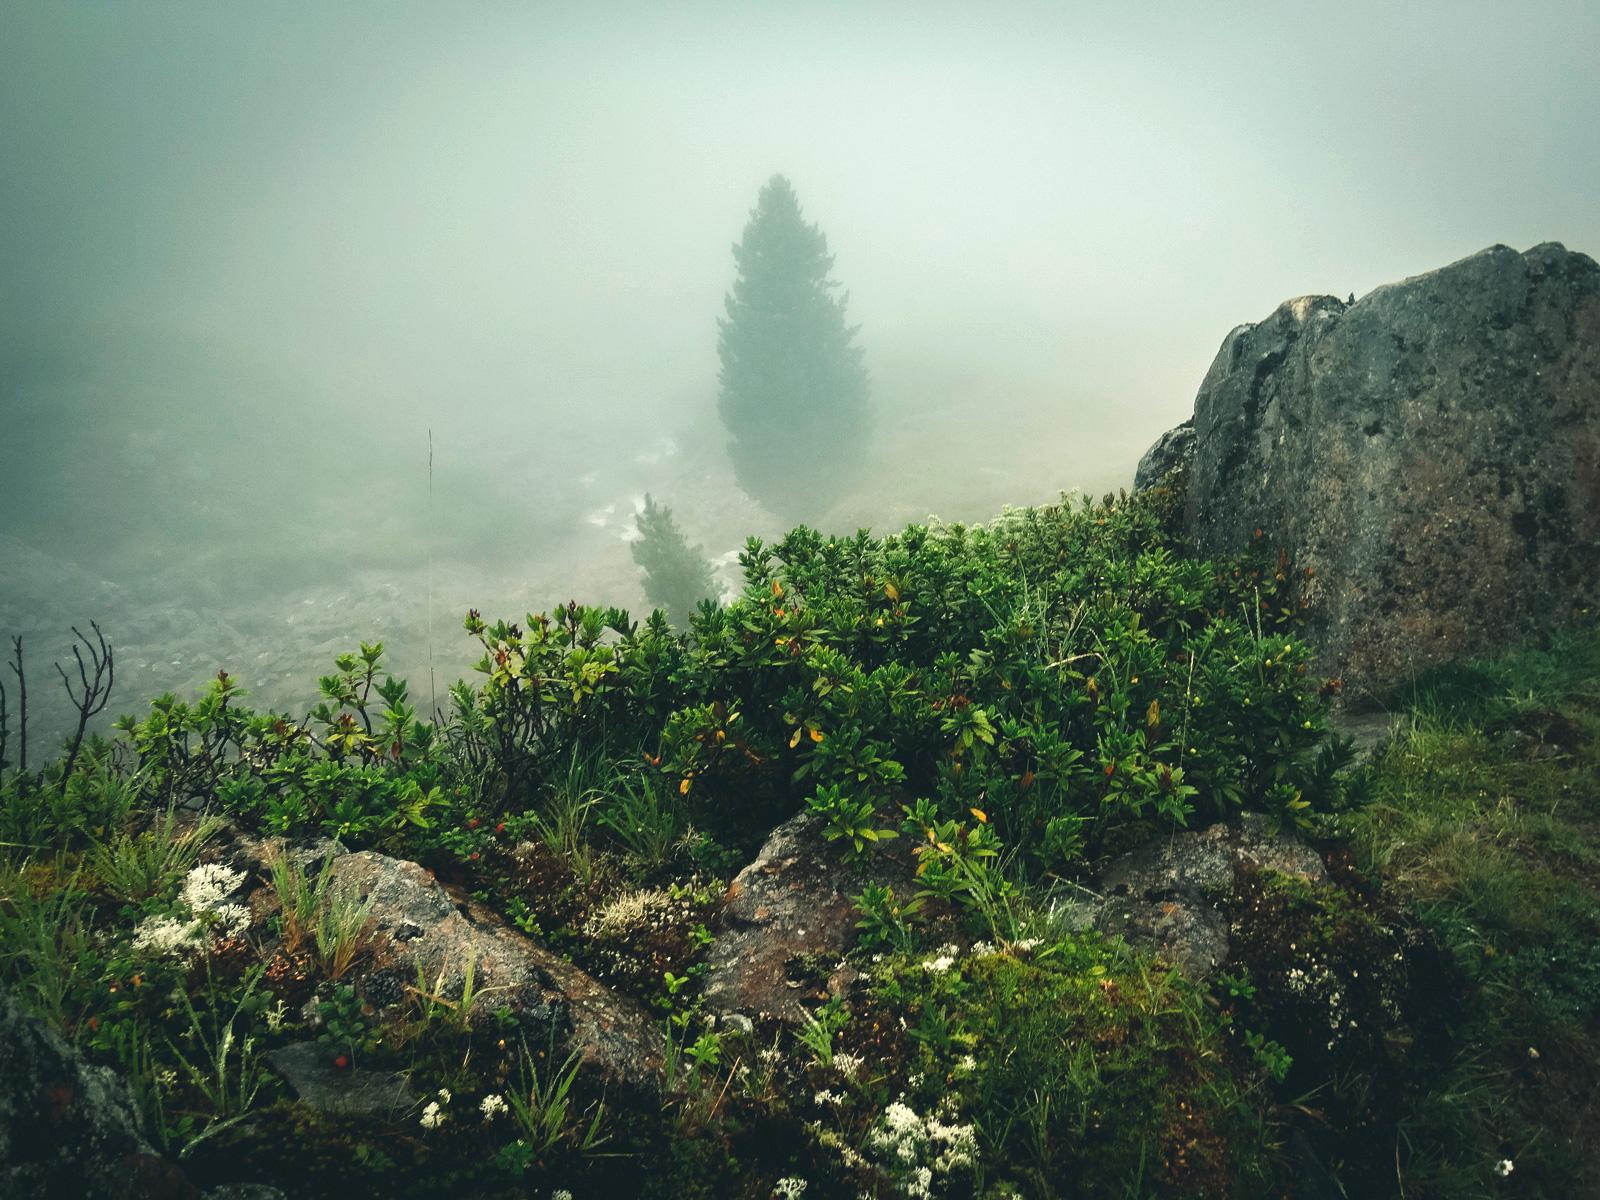 Rückweg von der Pforzheimer Hütte durchs Gleirschtal – auch in Nebel und Regen schön!